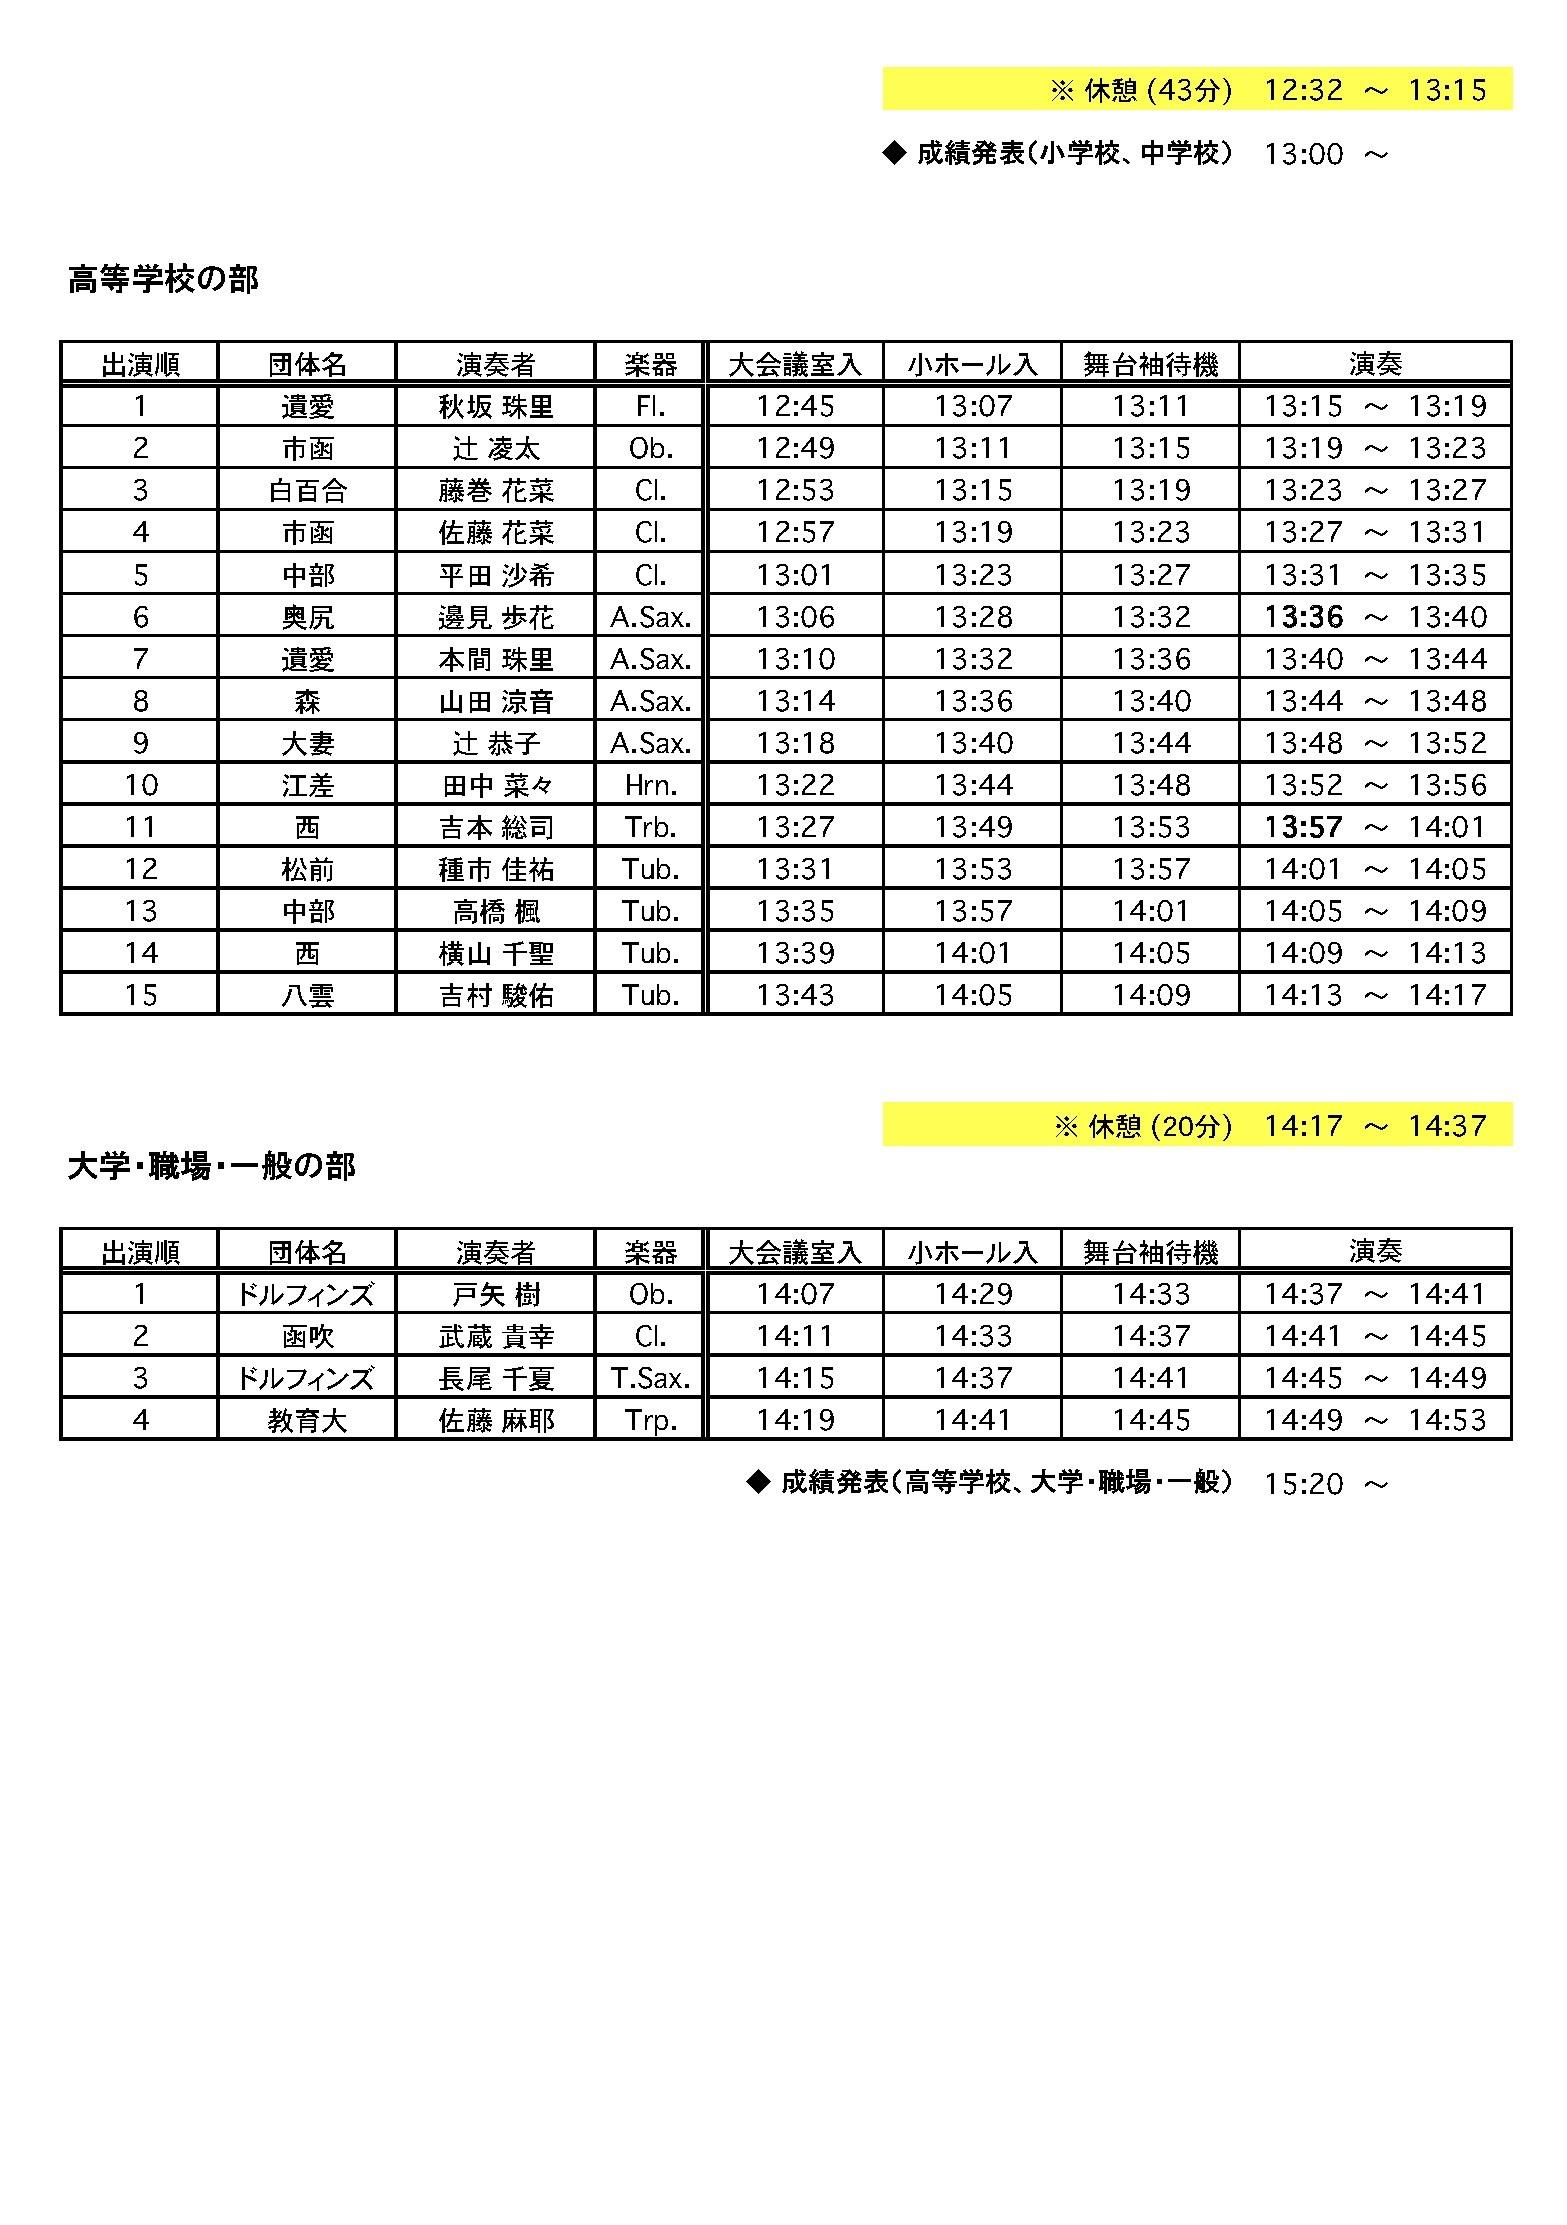 函館地区個人コンクールタイムテーブル2